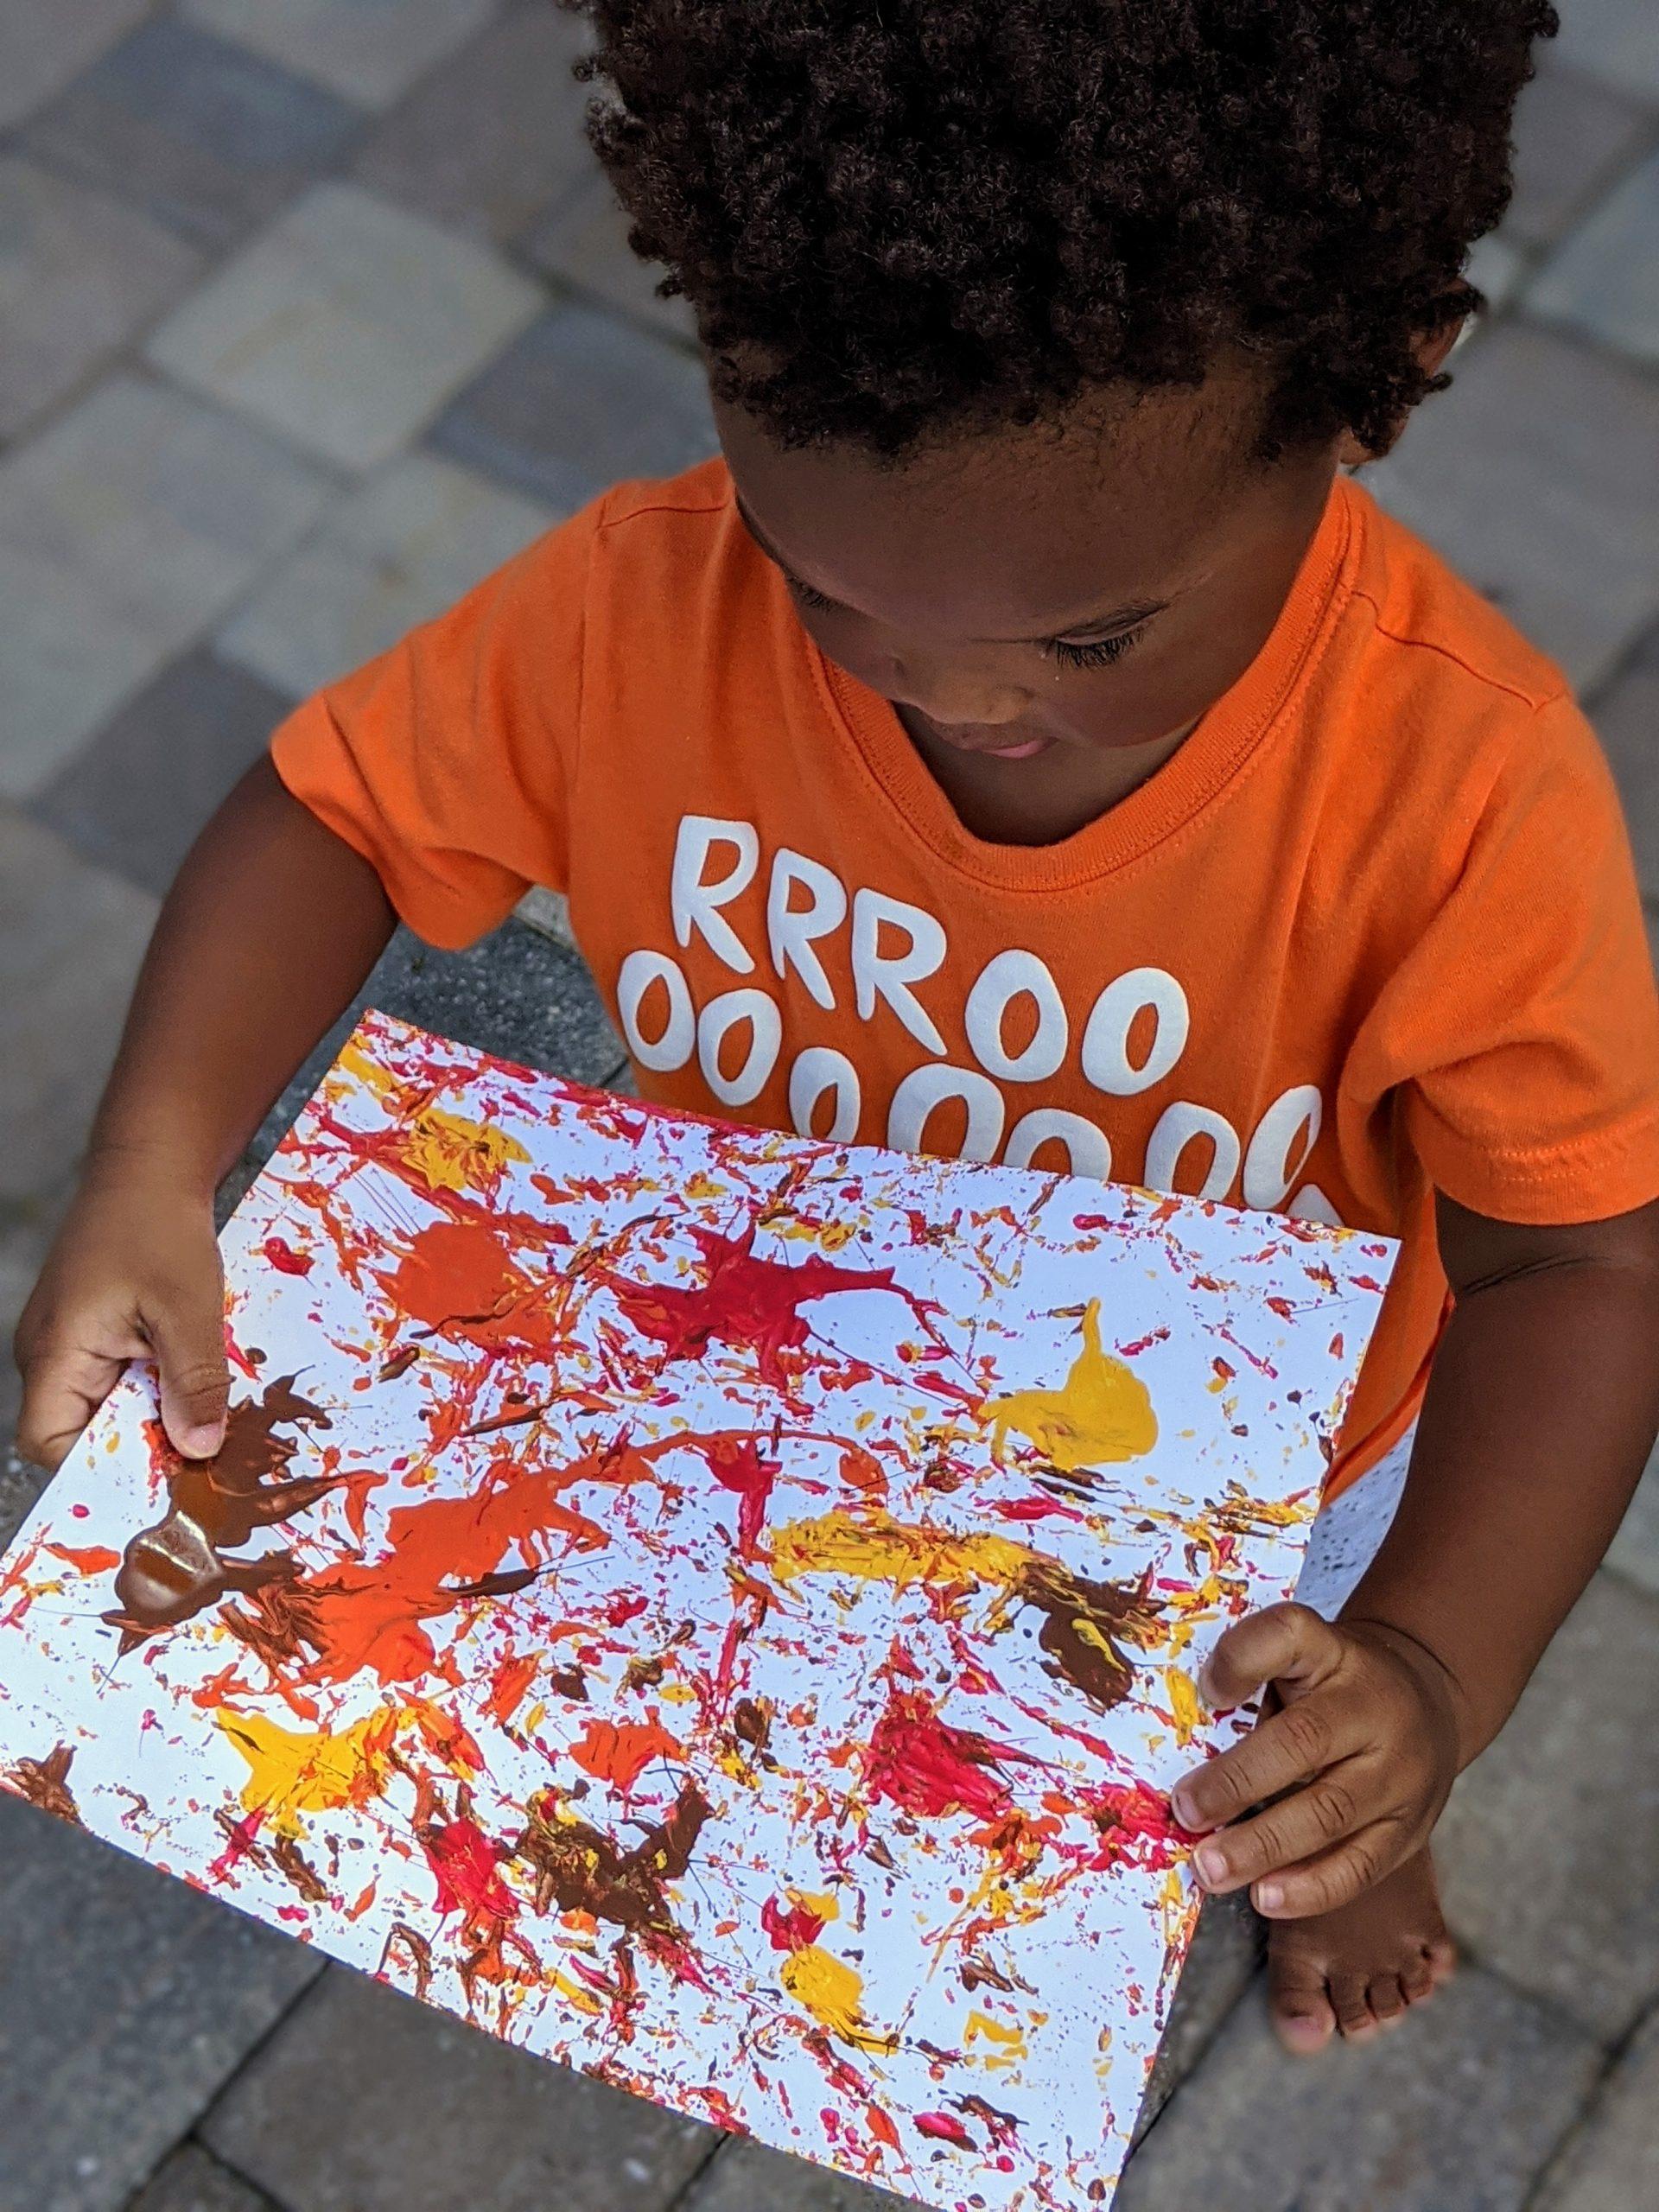 toddler holding acorn paint artwork